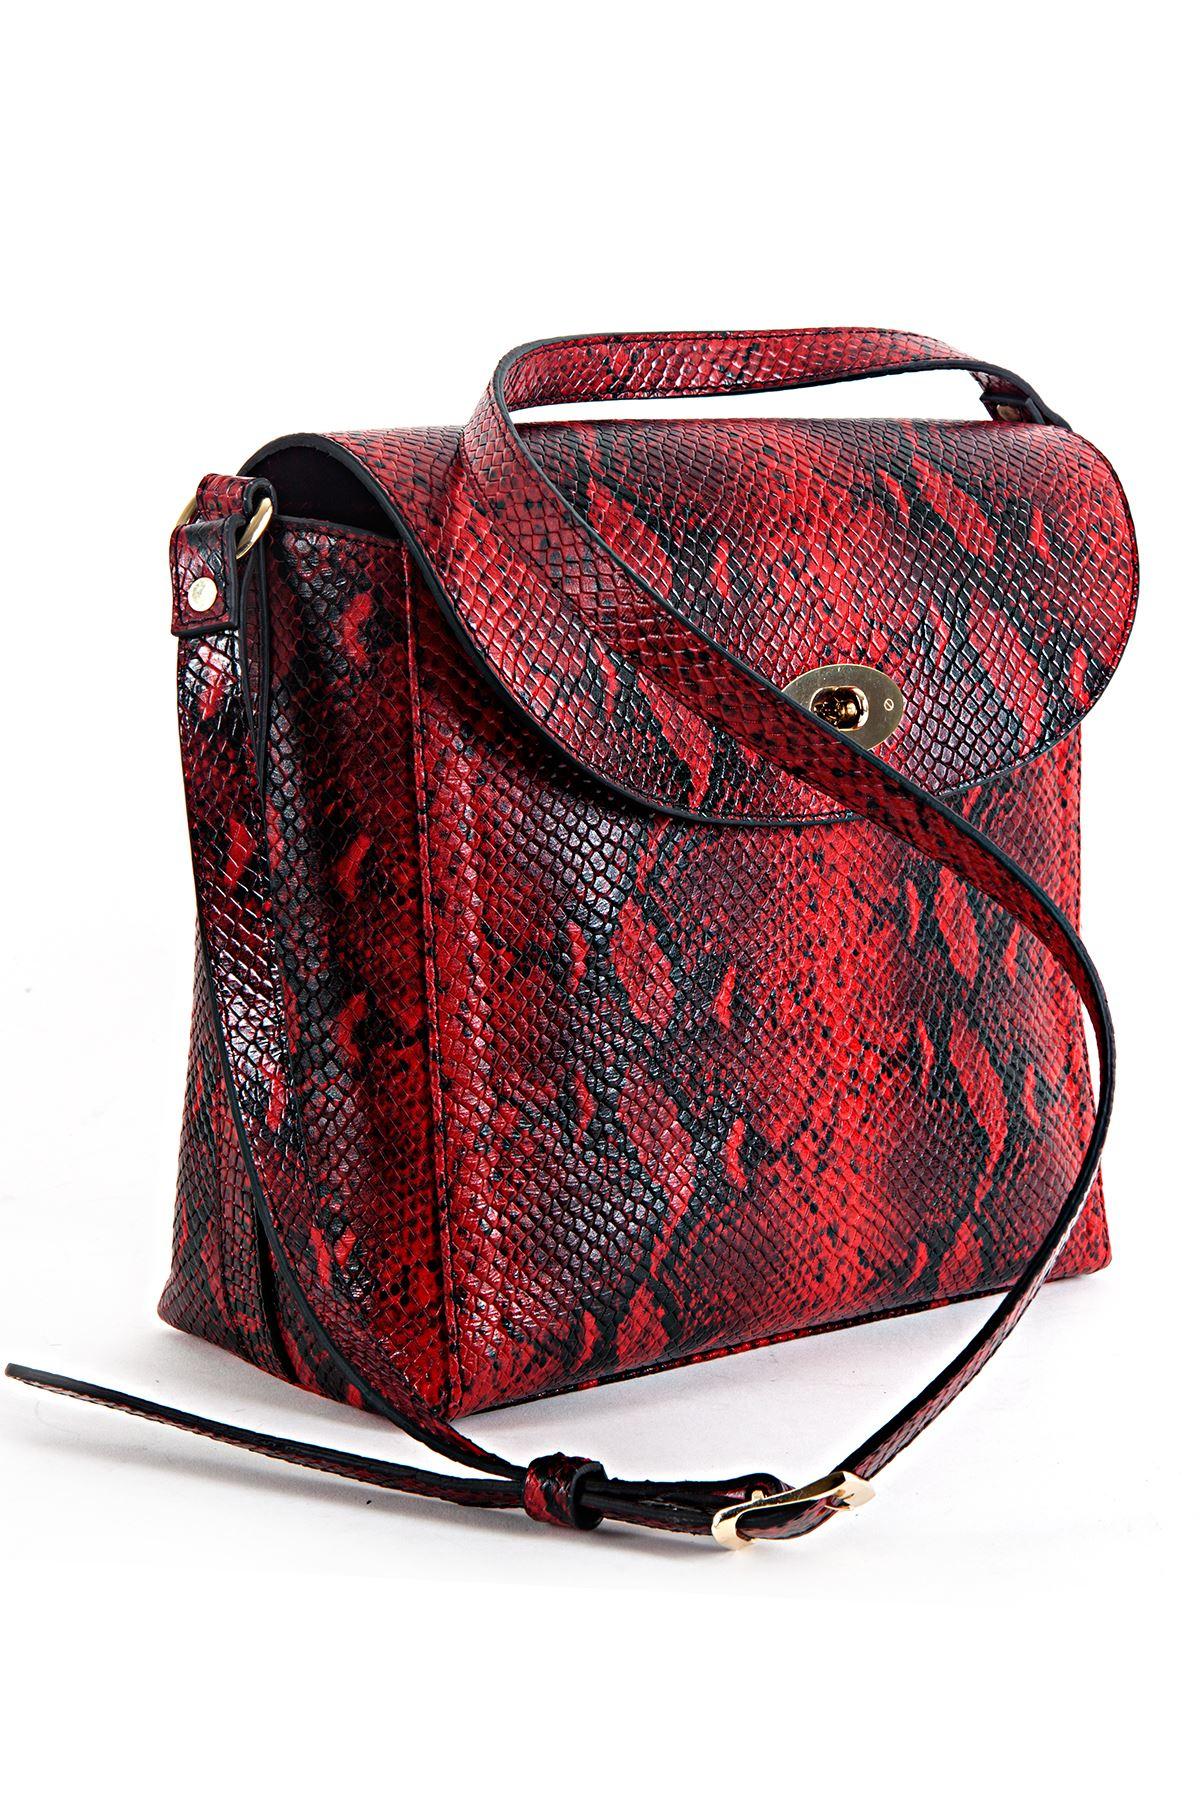 resm Female Bag